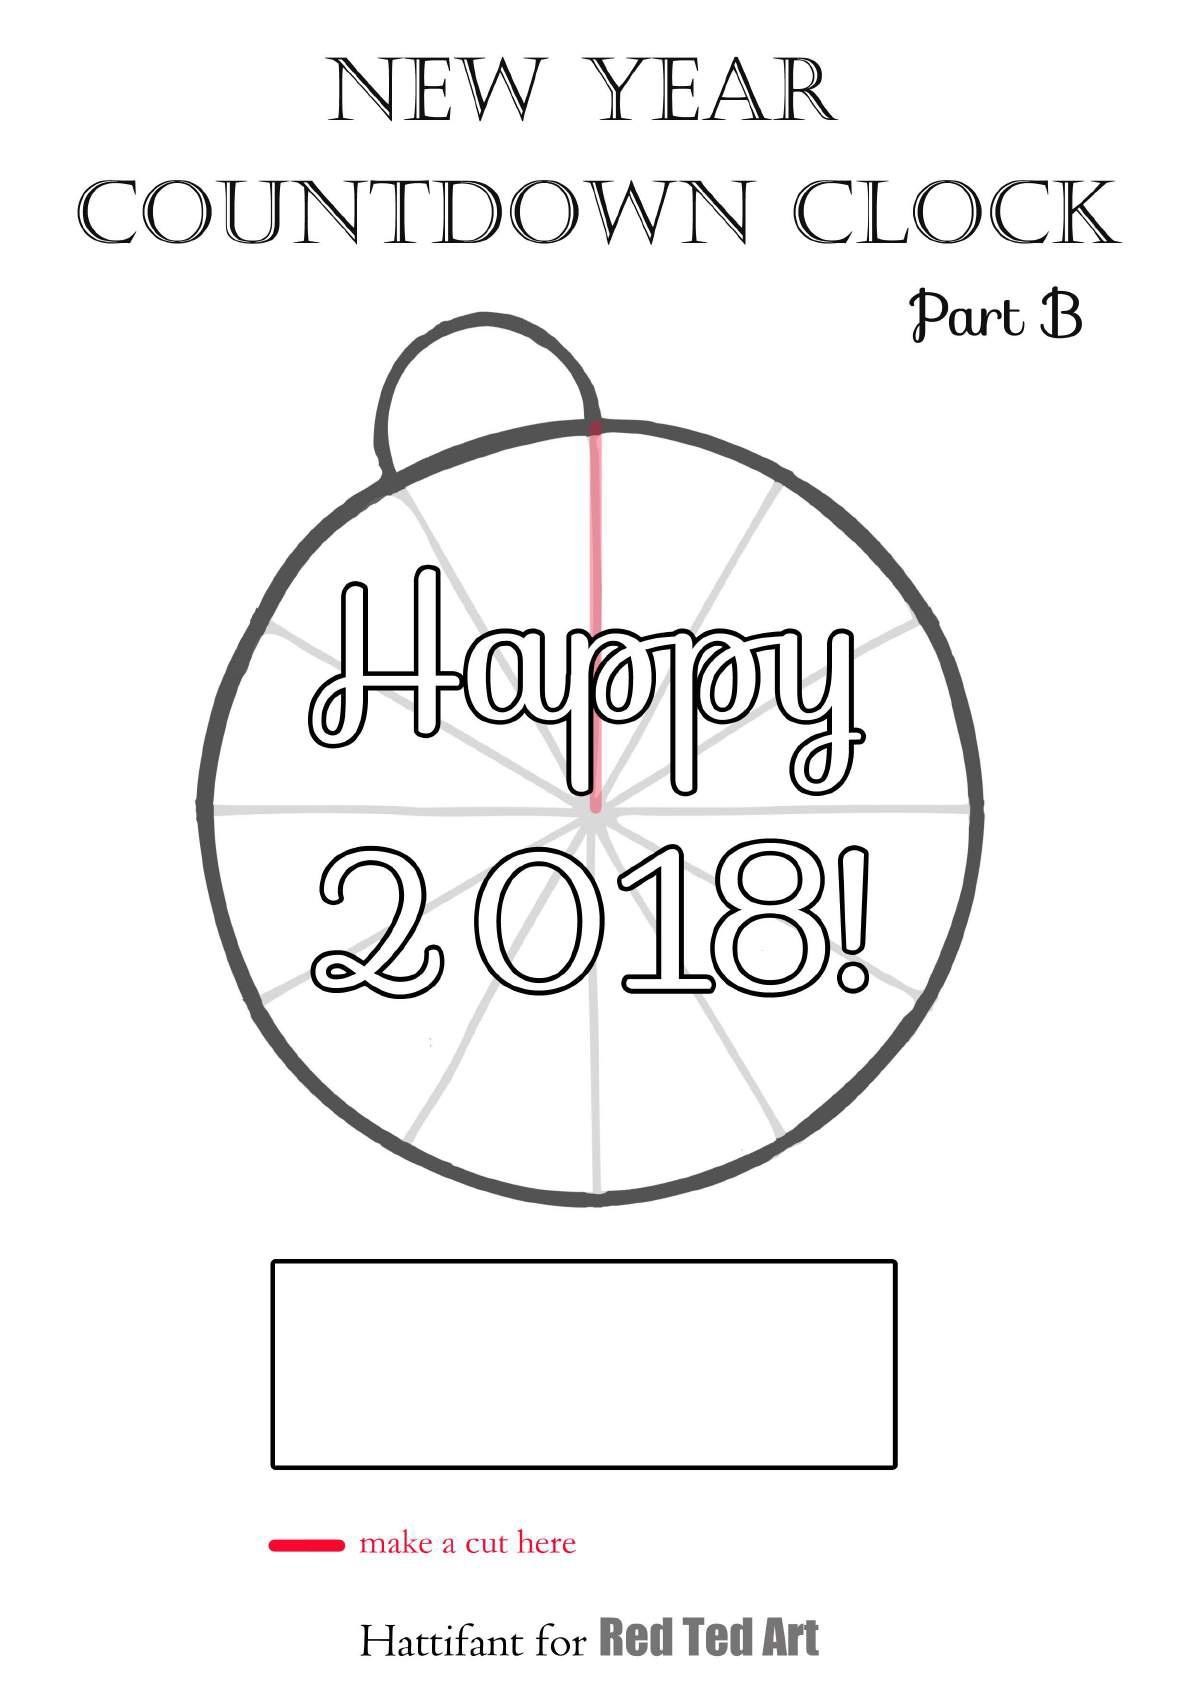 Часы обратного отсчета для печати в канун Нового года